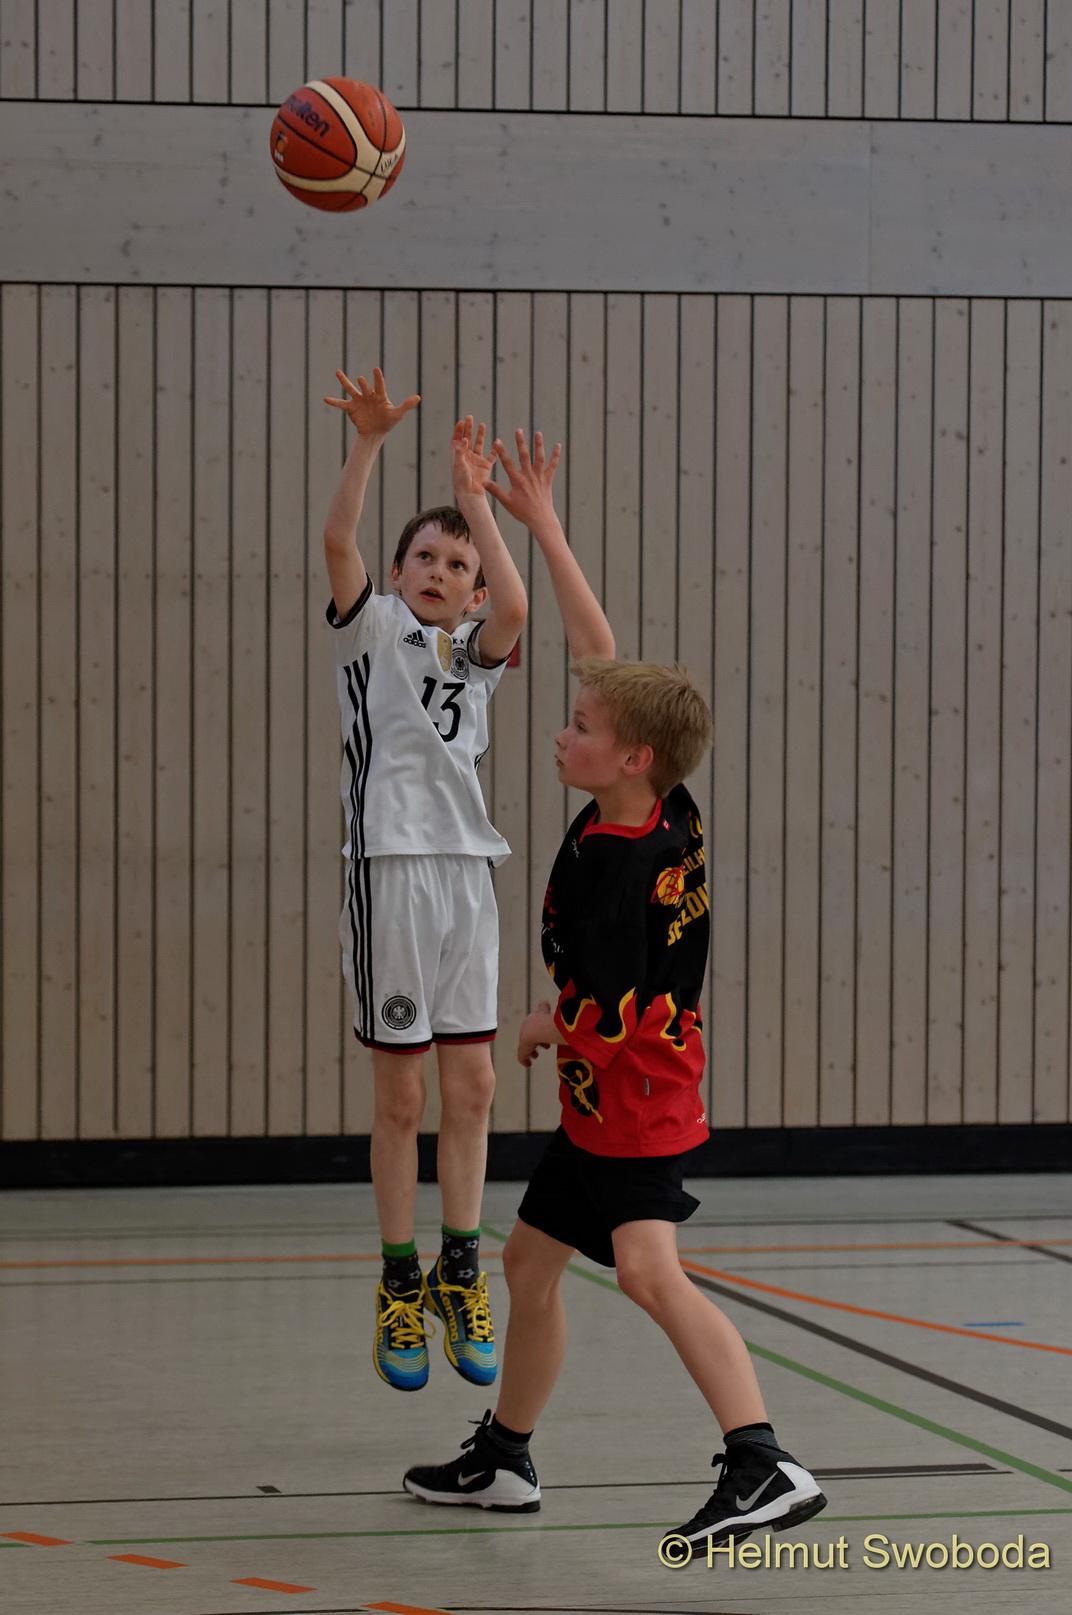 d170402-164708500-100-basketball_weilheim-mixed-turnier_33772891256_o